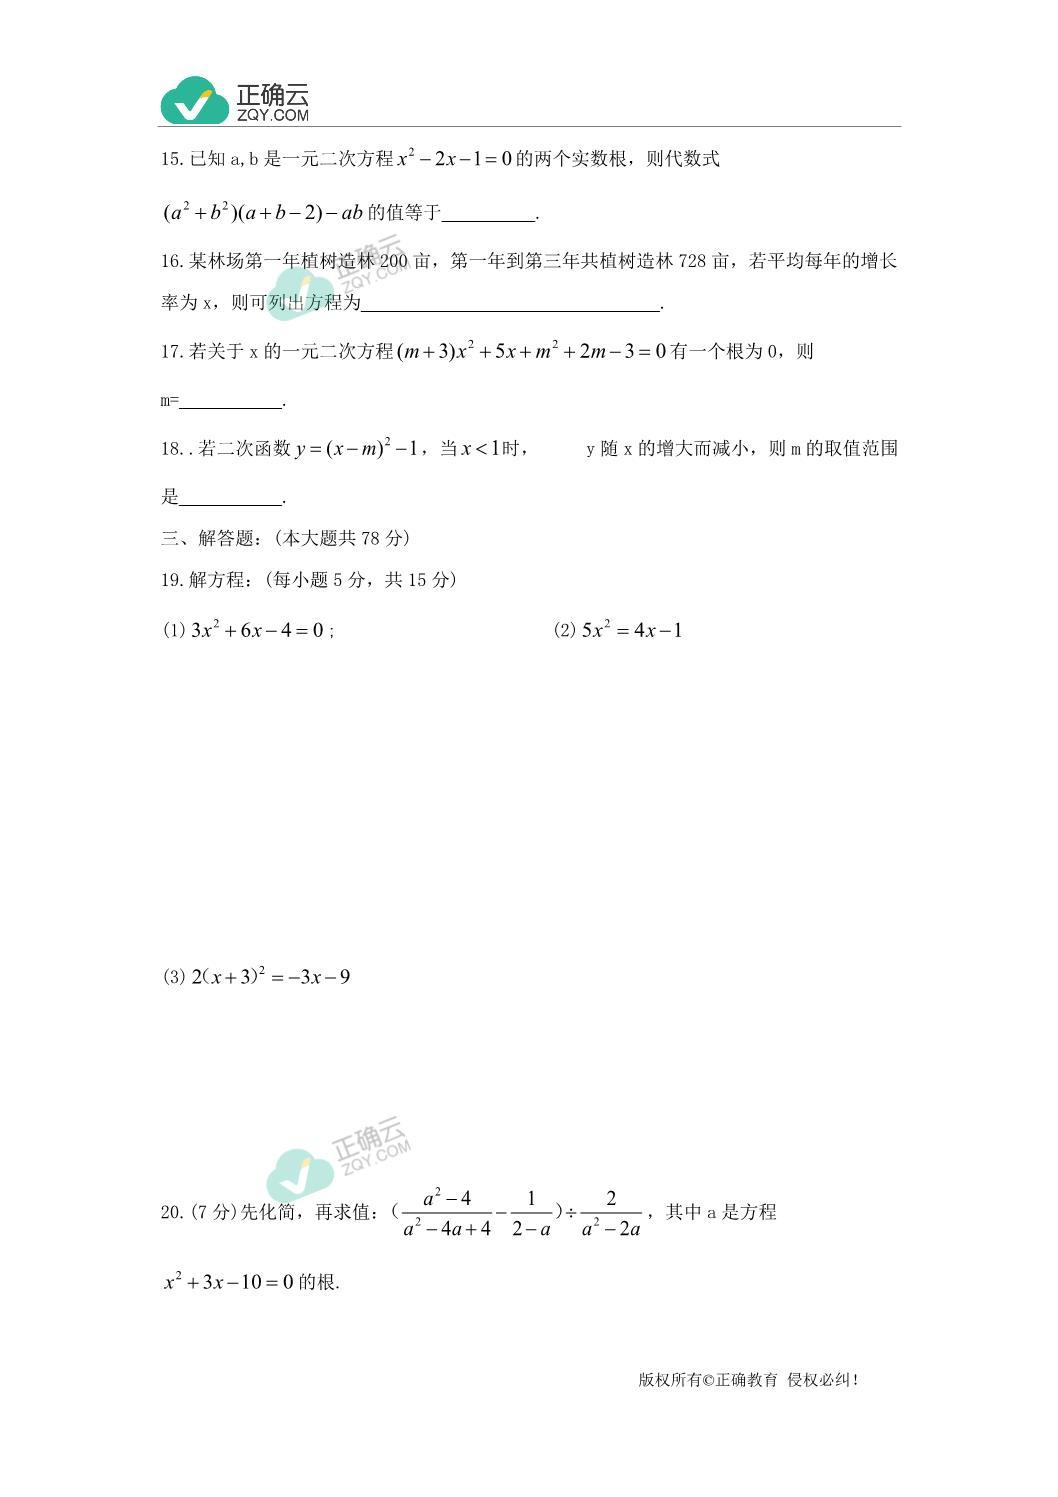 九年级数学月考卷子_山东省德州市宁津县2020届九年级10月月考数学试卷(无答案 ...